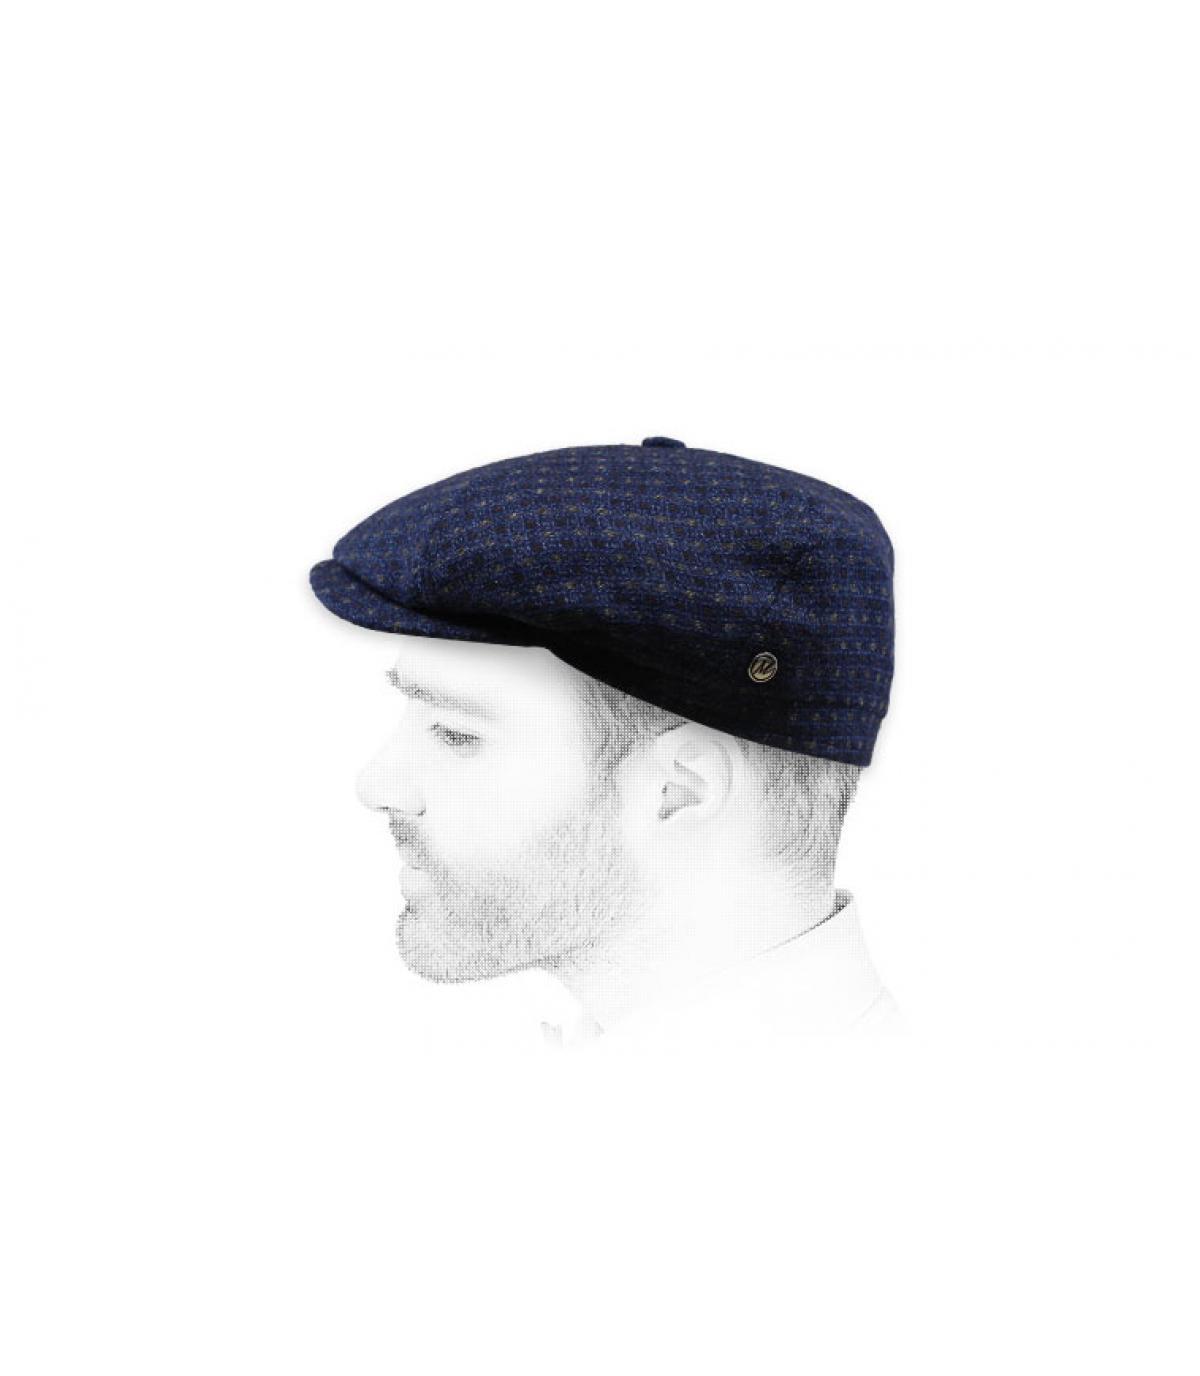 gorra azul marino lana cachemira